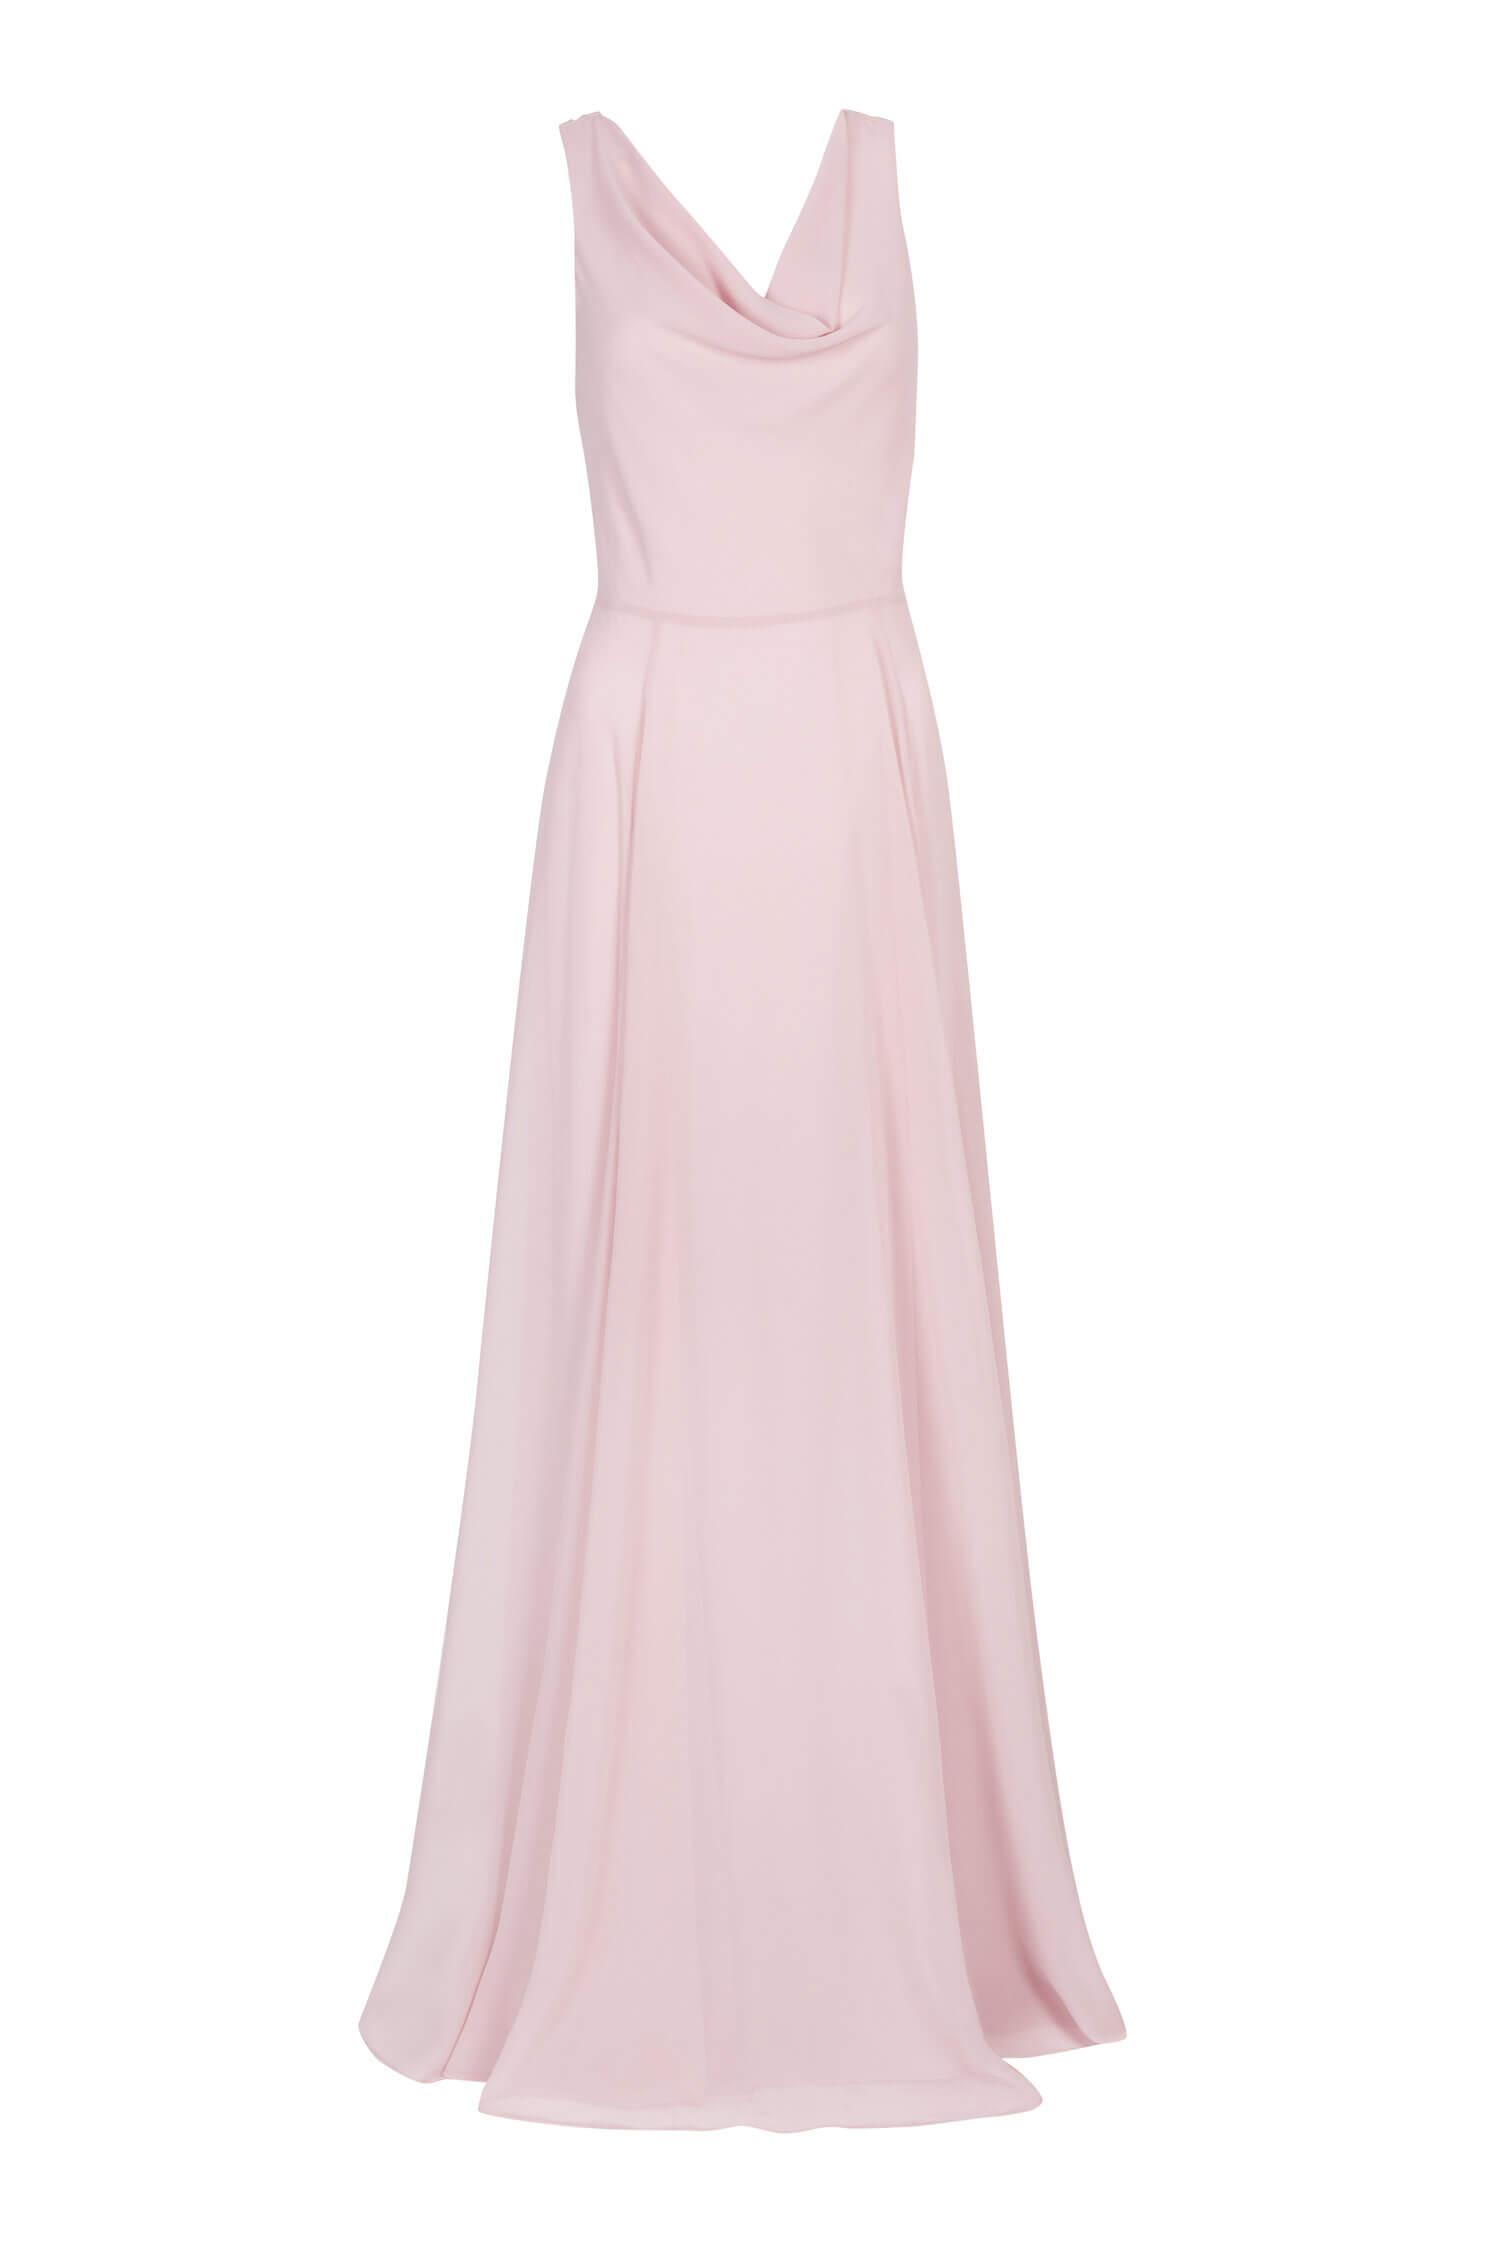 TH&H Athena Bridesmaid Dress TH&H Bridesmaid Dress Blush Pink